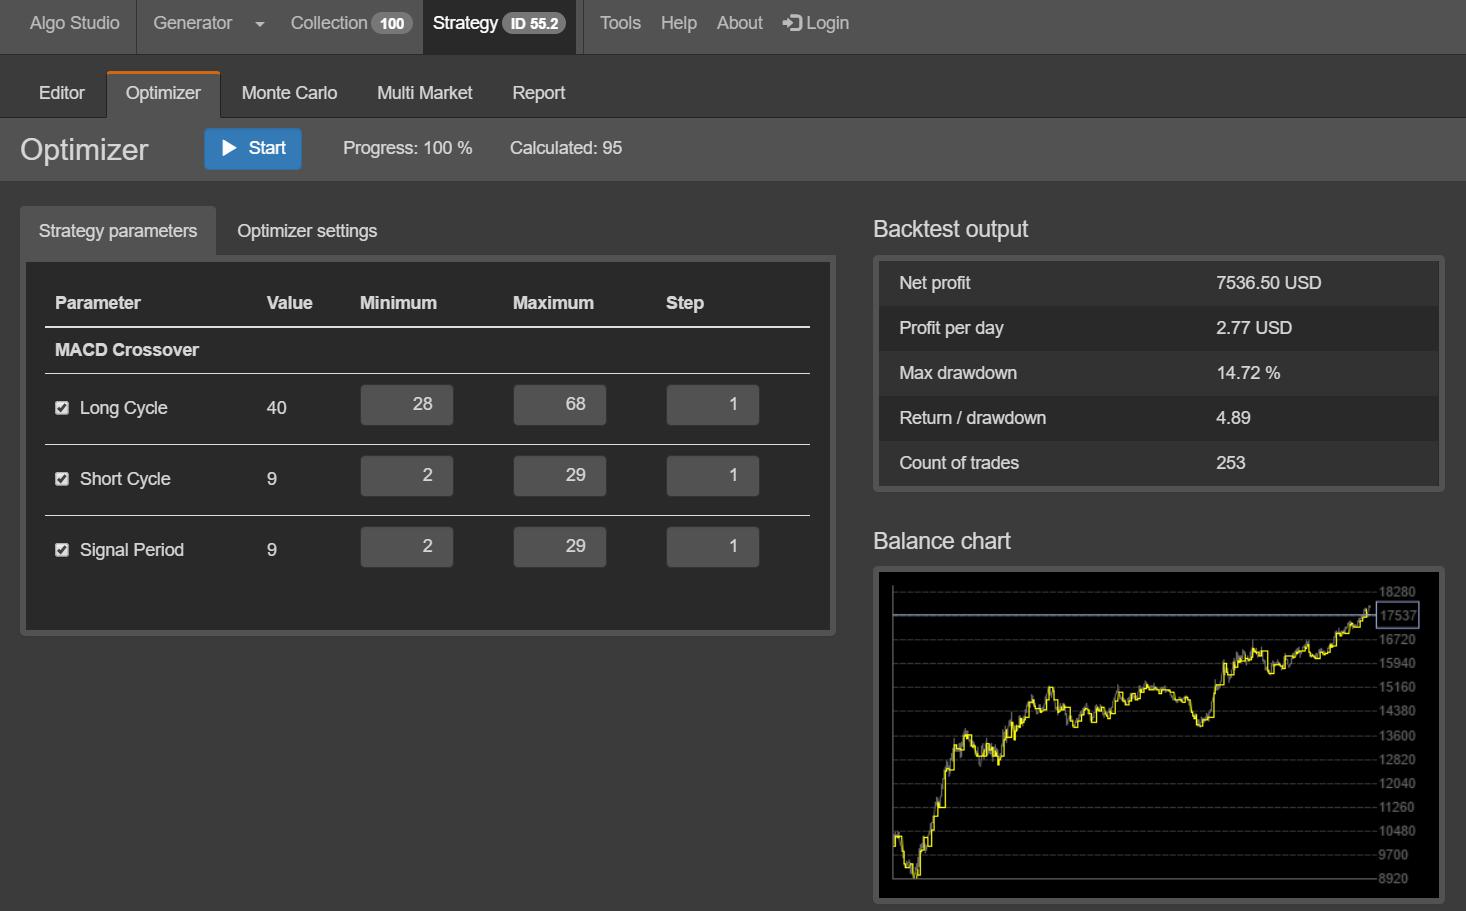 Algo Studio - Optimizer Screenshot